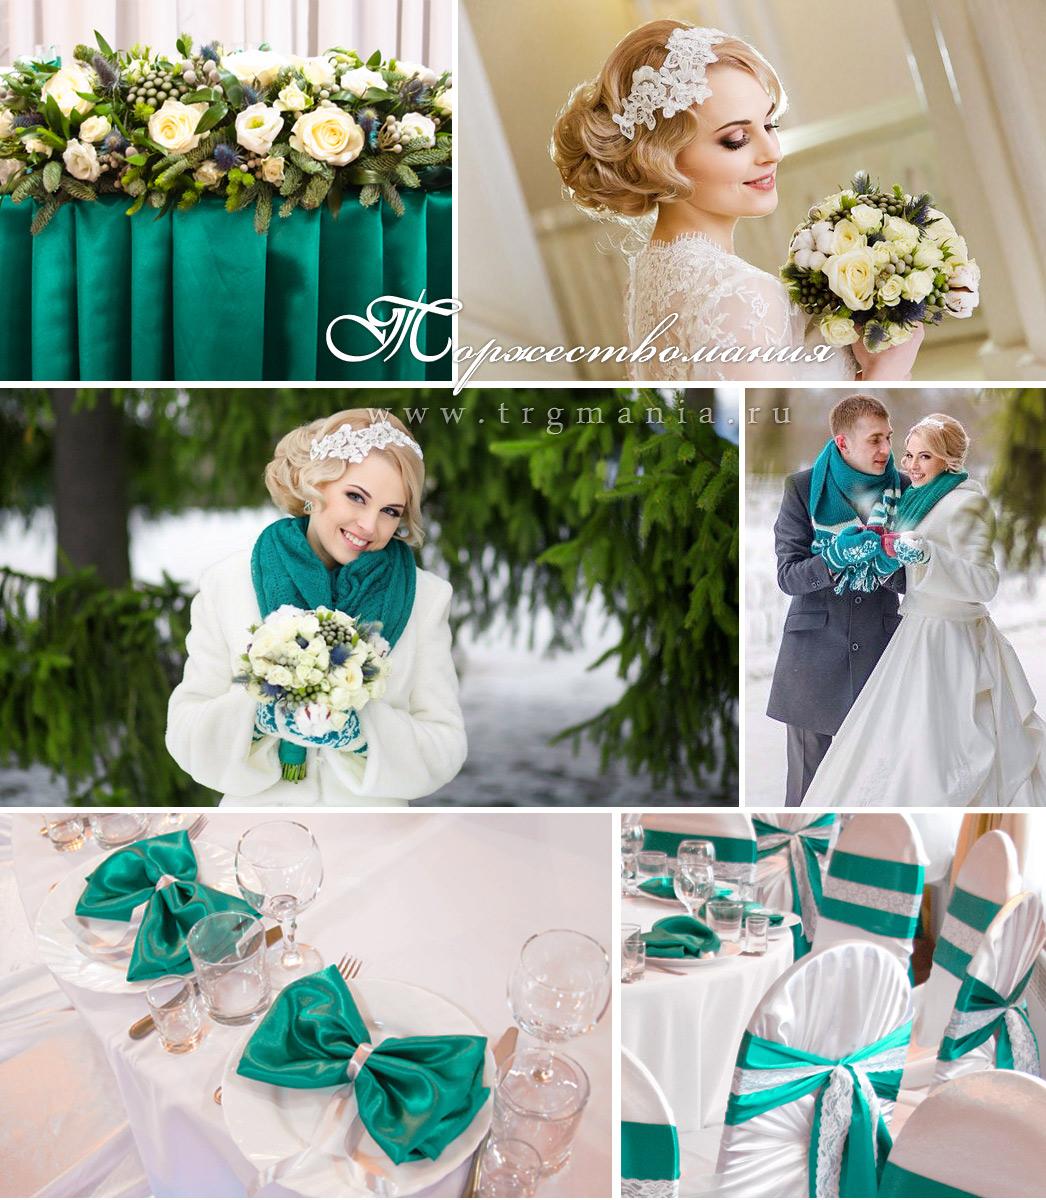 ff2e2d0d1cd2ae4 Свадьба зимой - идеи оформления, фото — ТоржествоМания